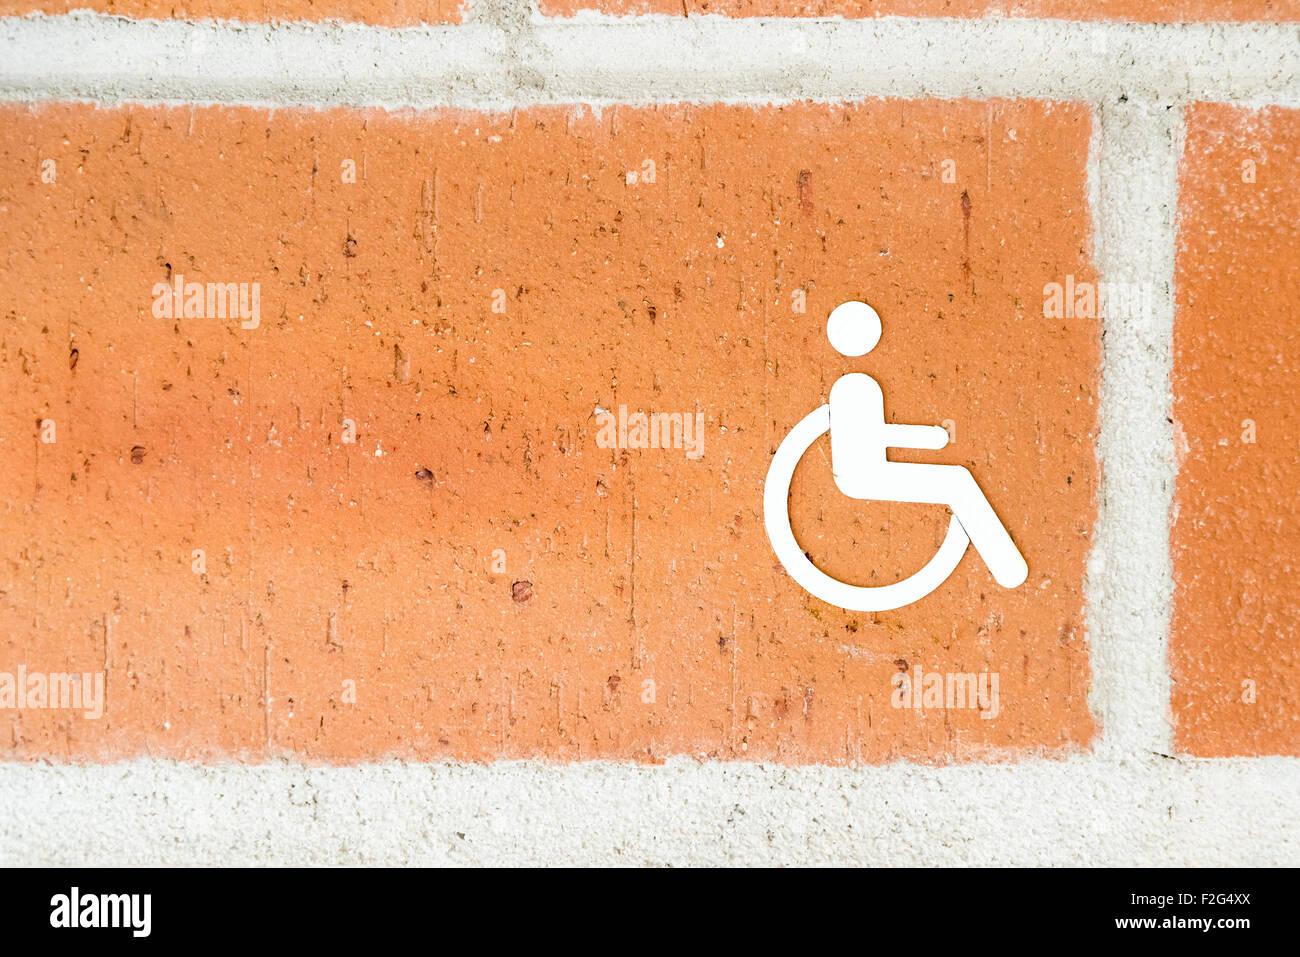 öffentliche Toilette Für Besondere Menschen Mit Behinderungen